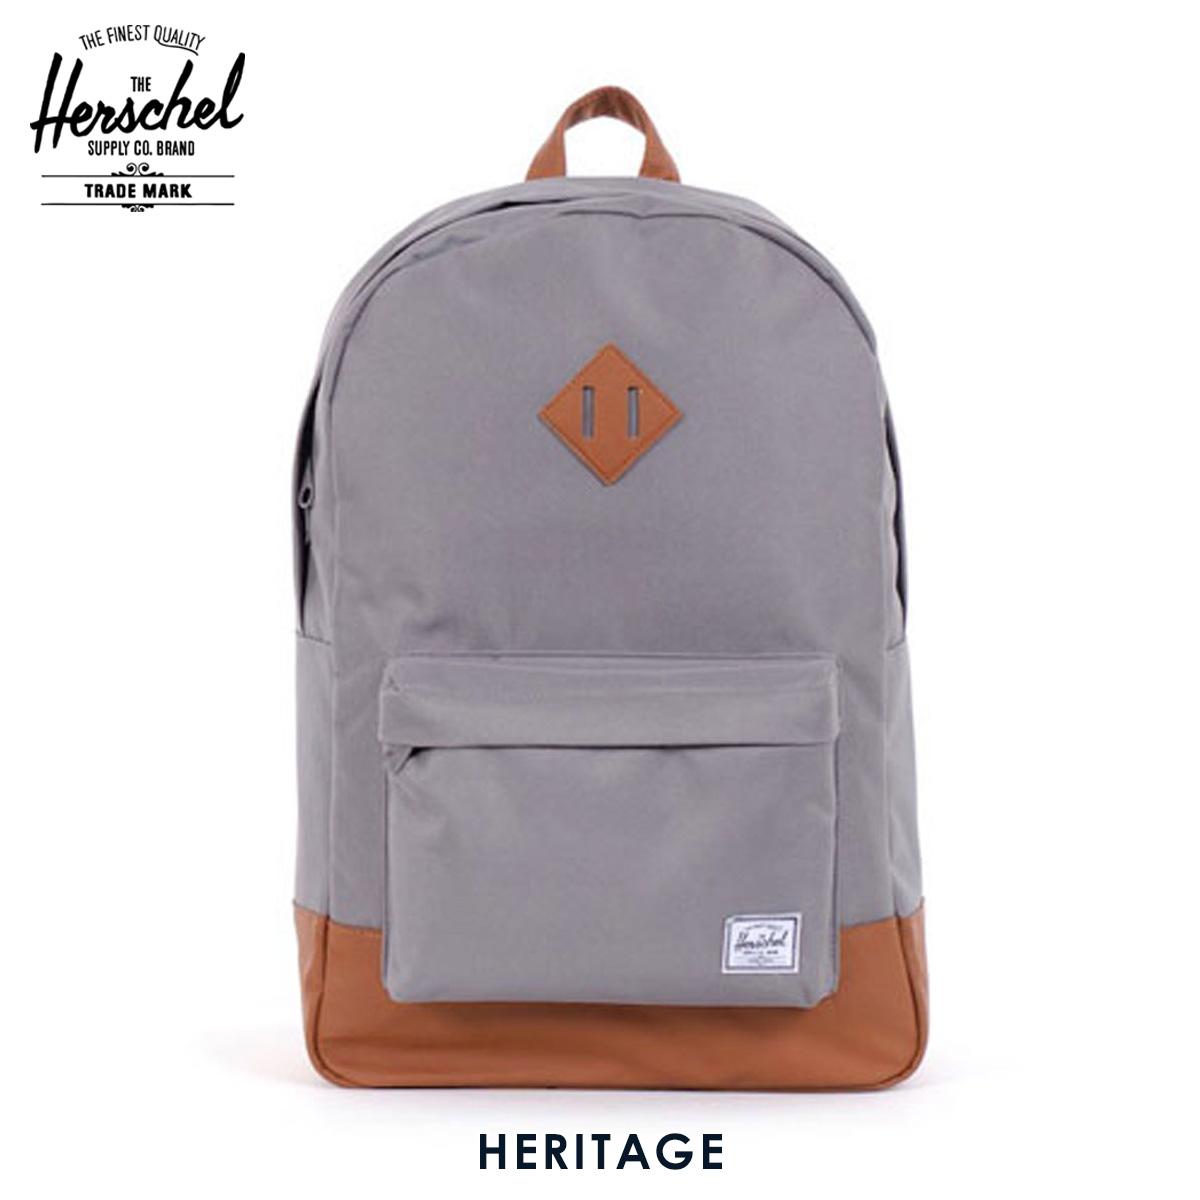 【販売期間 6/4 10:00~6/11 09:59】 ハーシェル バックパック 正規販売店 Herschel Supply ハーシェルサラプライ リュックサック バッグ 10007-00006-OS Heritage Grey バックパック D1 父の日